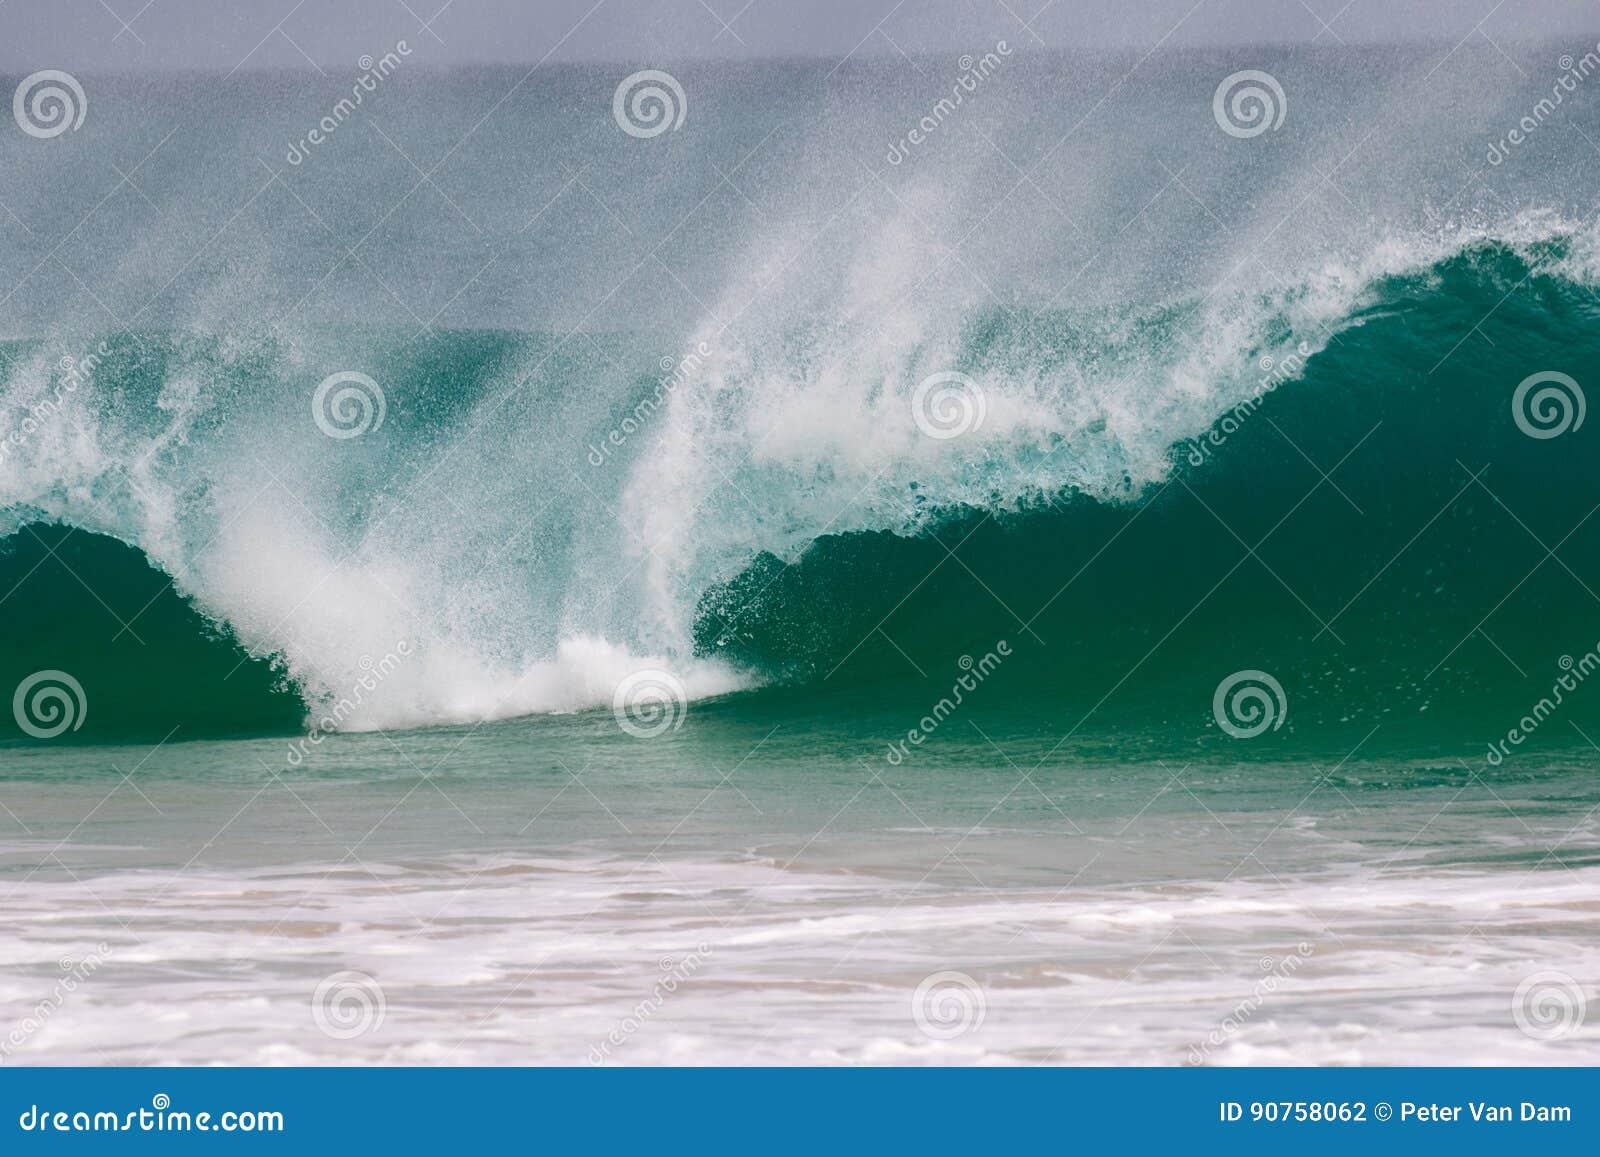 Το γιγαντιαίο κύμα χτυπά την ακτή